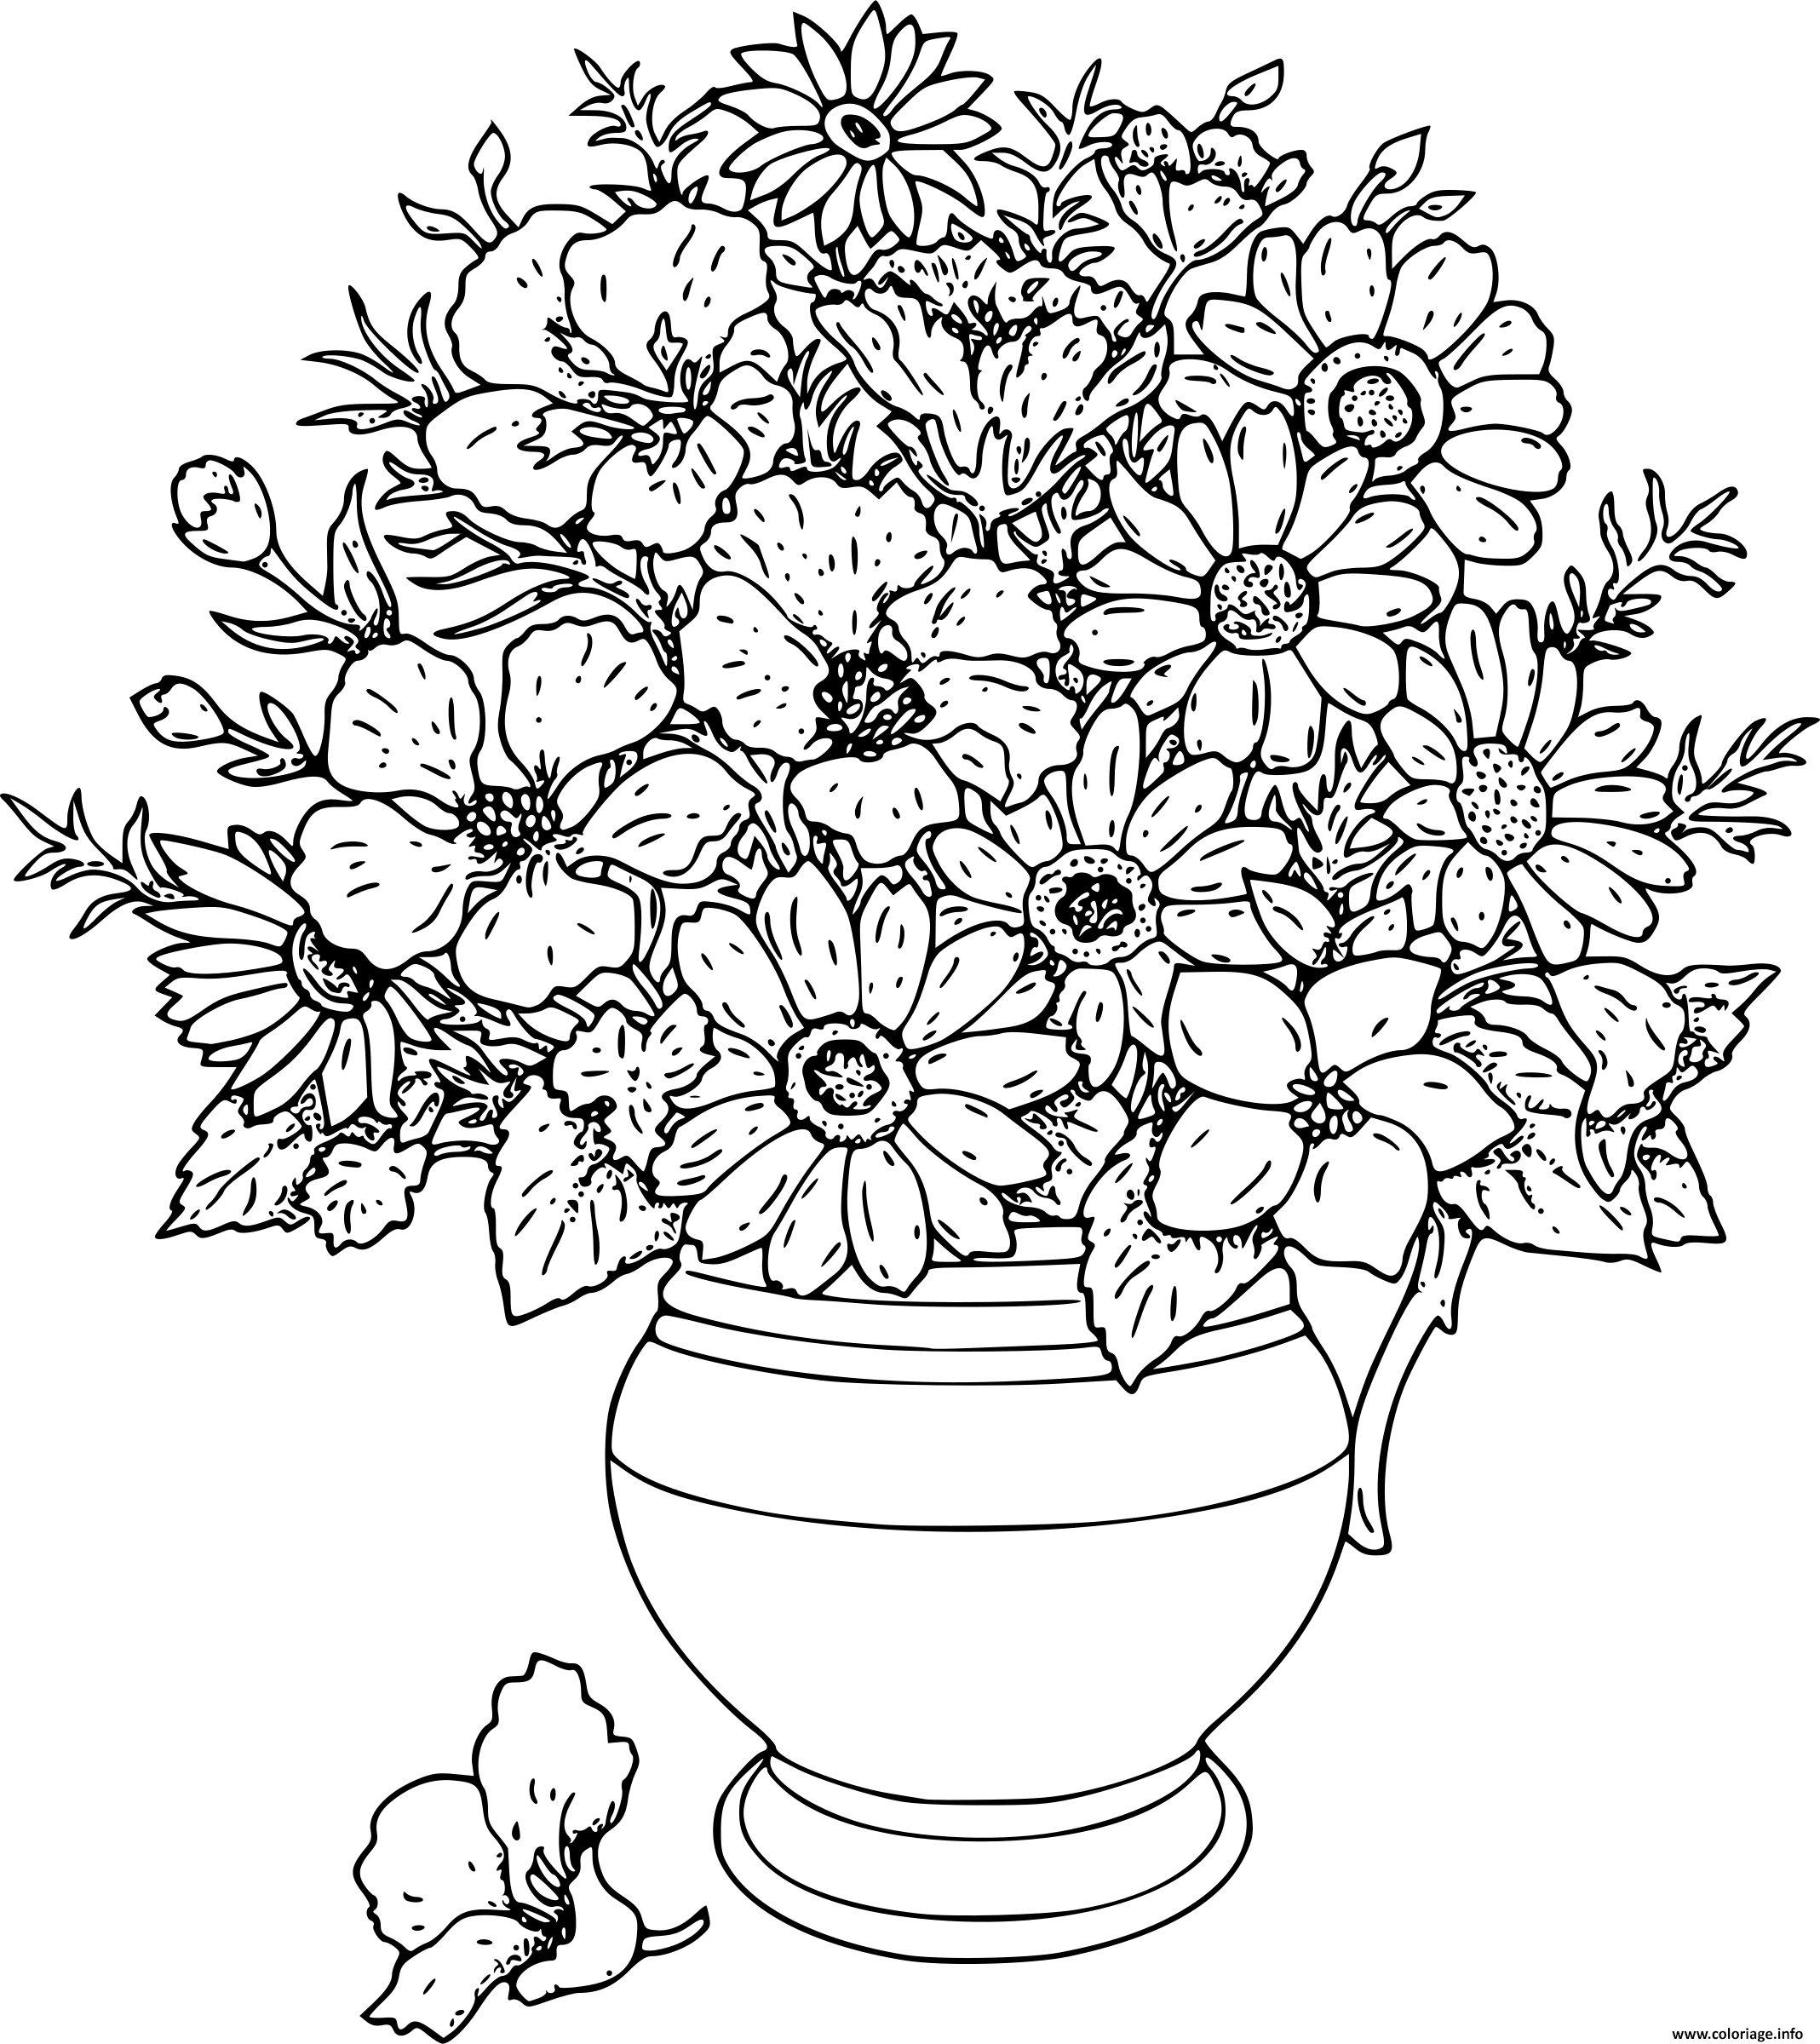 Coloriage Bouquet De Fleurs Dans Un Vase Dessin Bouquet De Fleurs A Imprimer